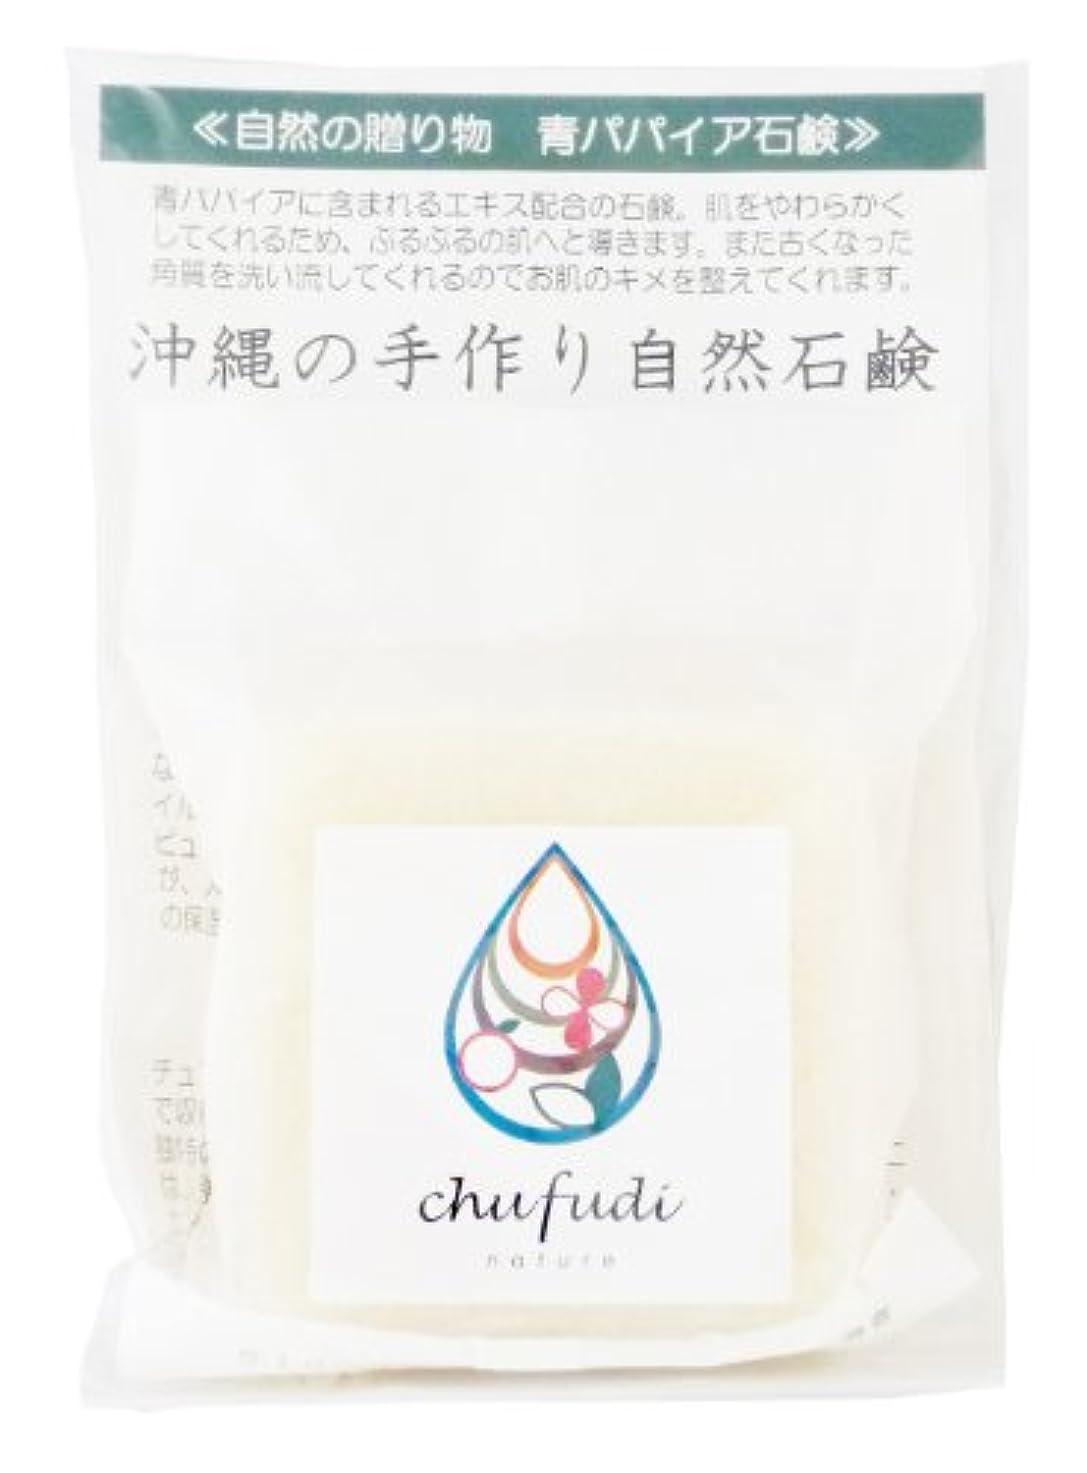 フィルタ放置すごいチュフディ ナチュール 自然からの贈り物 青パパイヤ洗顔石鹸